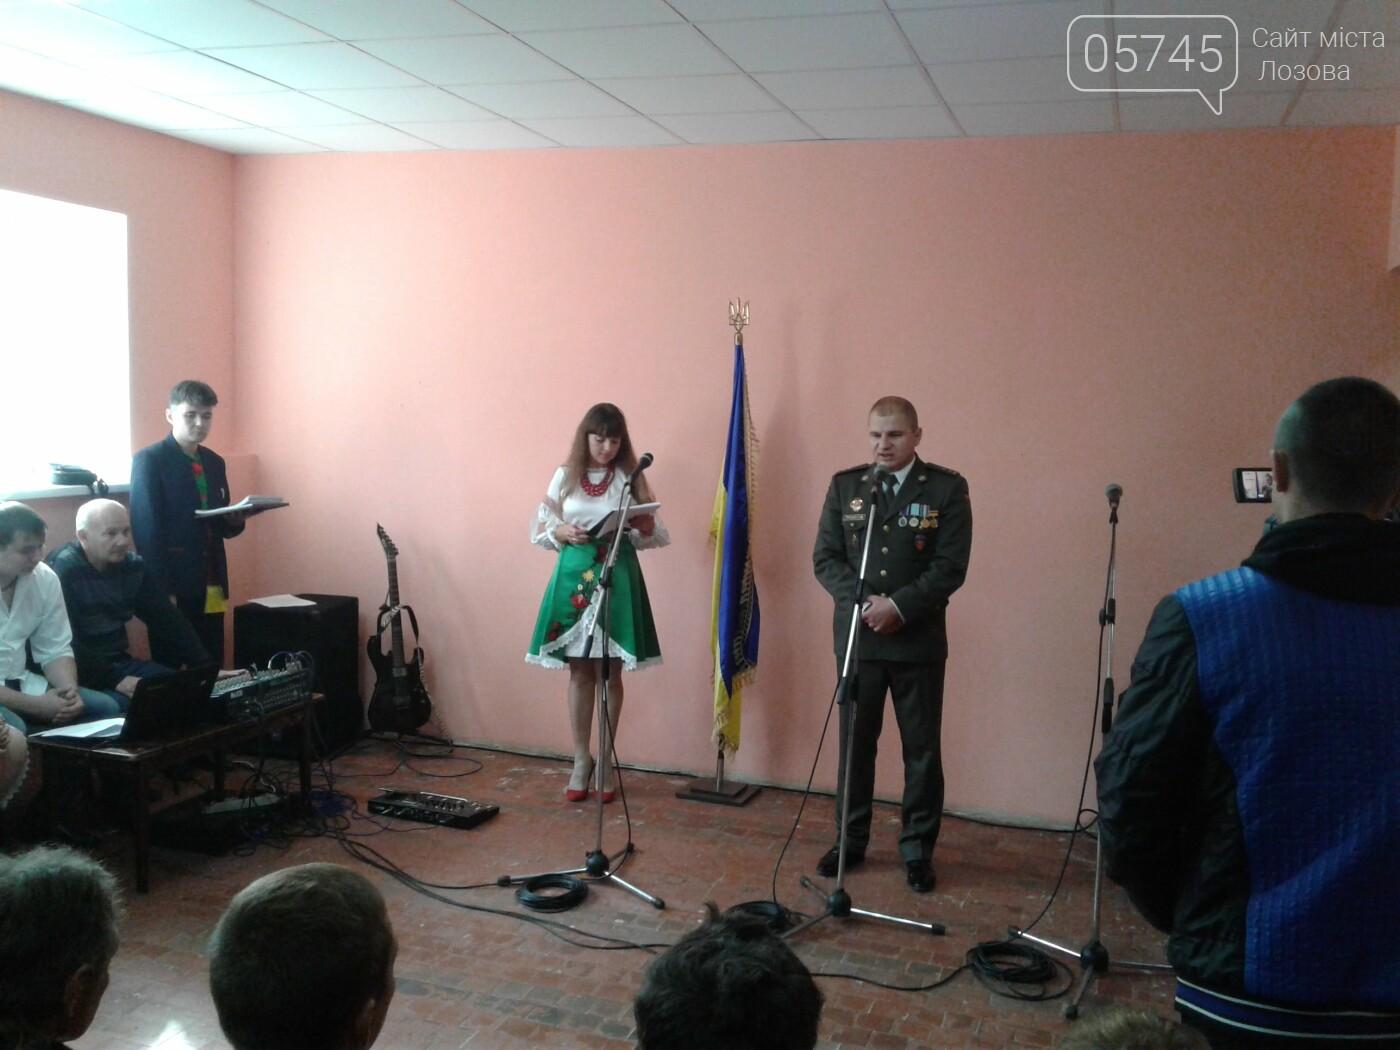 Лозовских призывников торжественно провожали в армию, фото-3